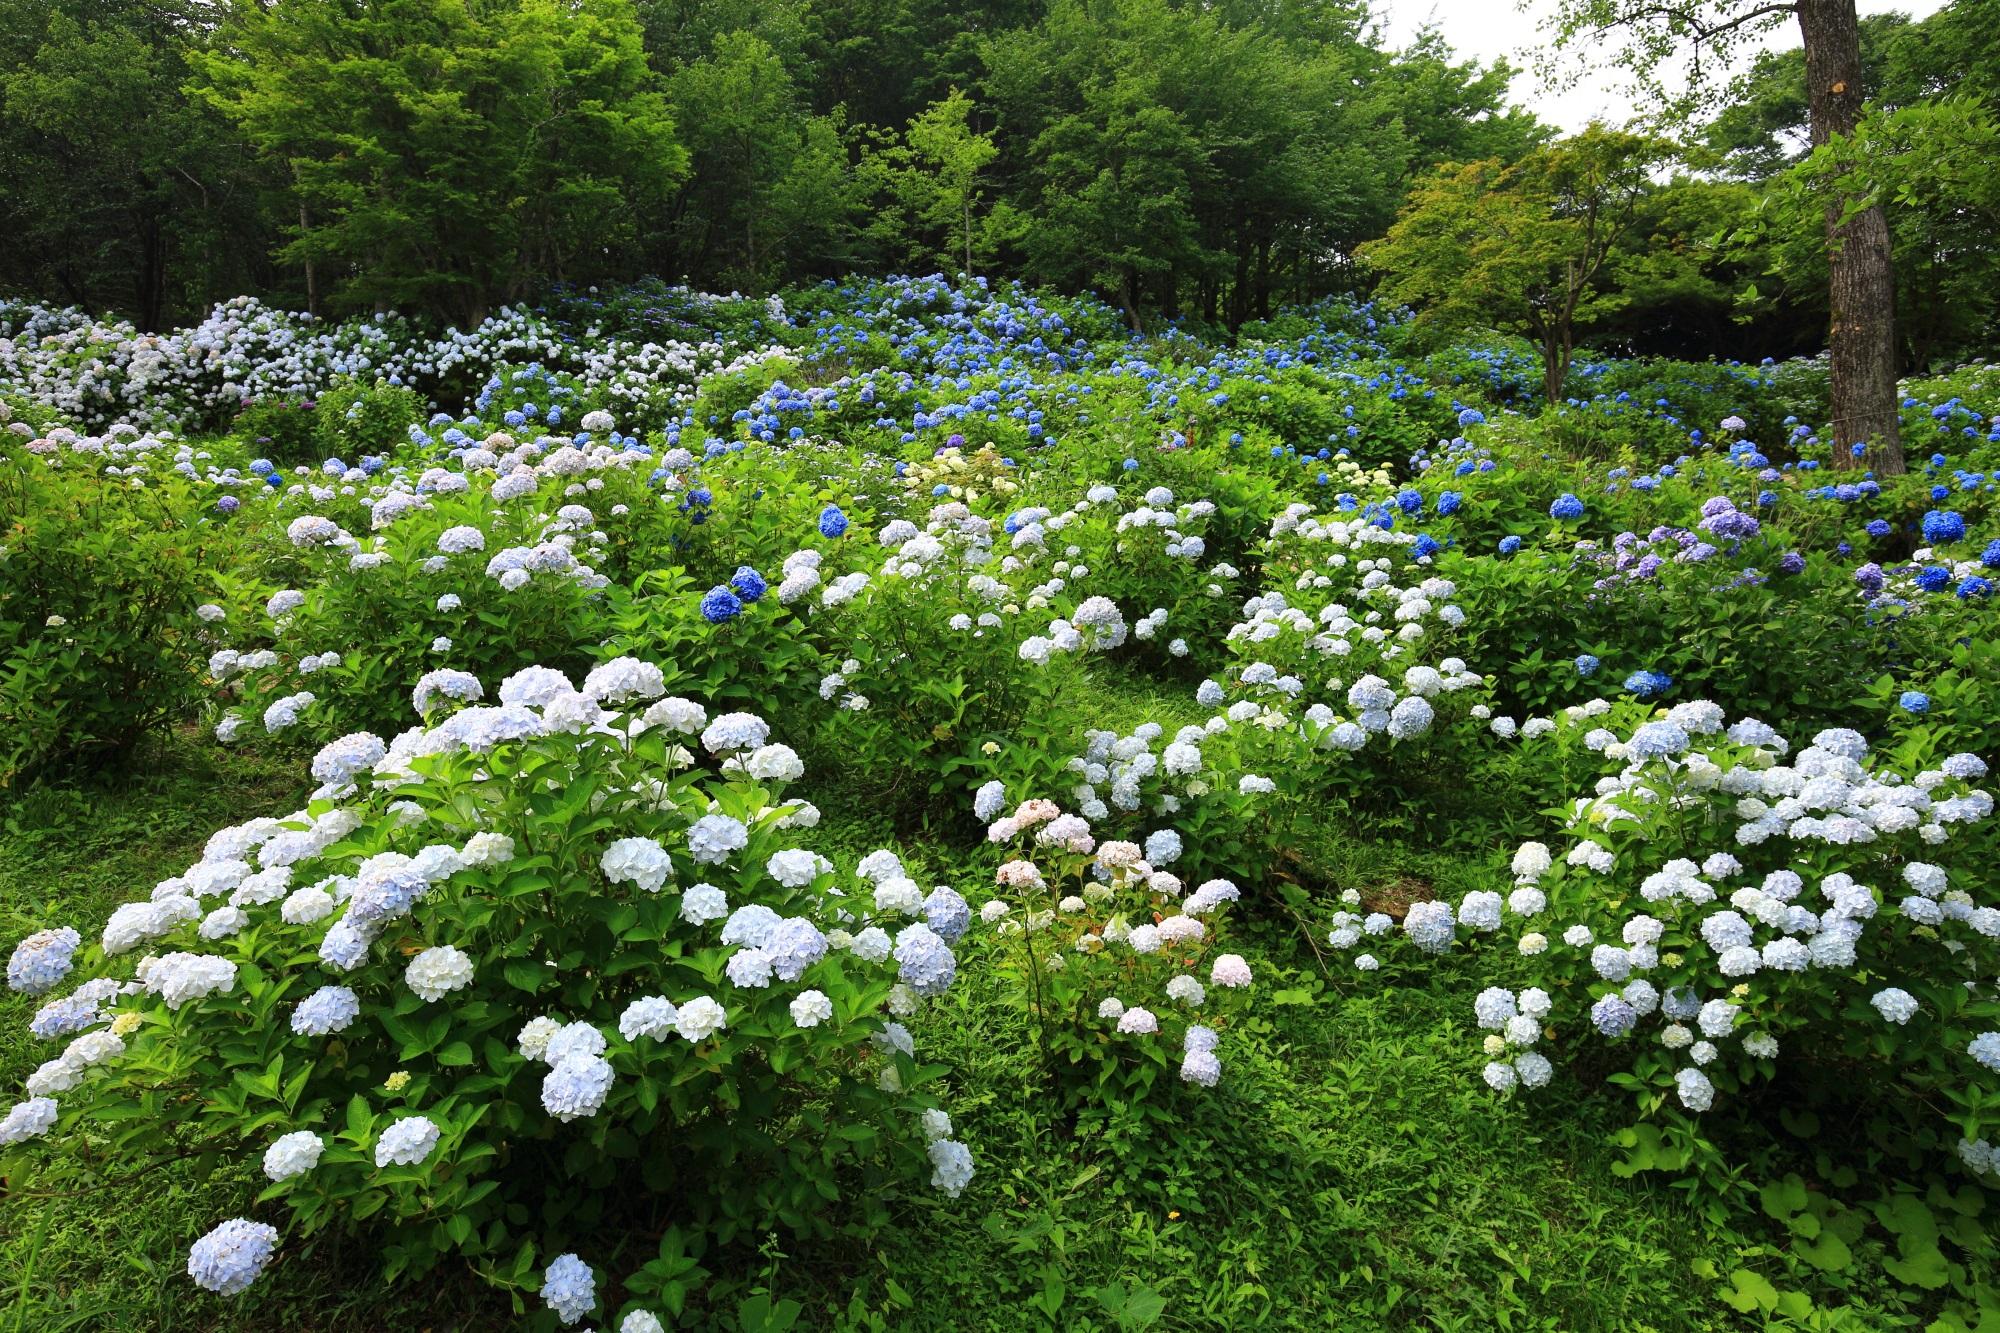 舞鶴自然文化園の緑の中から溢れ出す数え切れない紫陽花